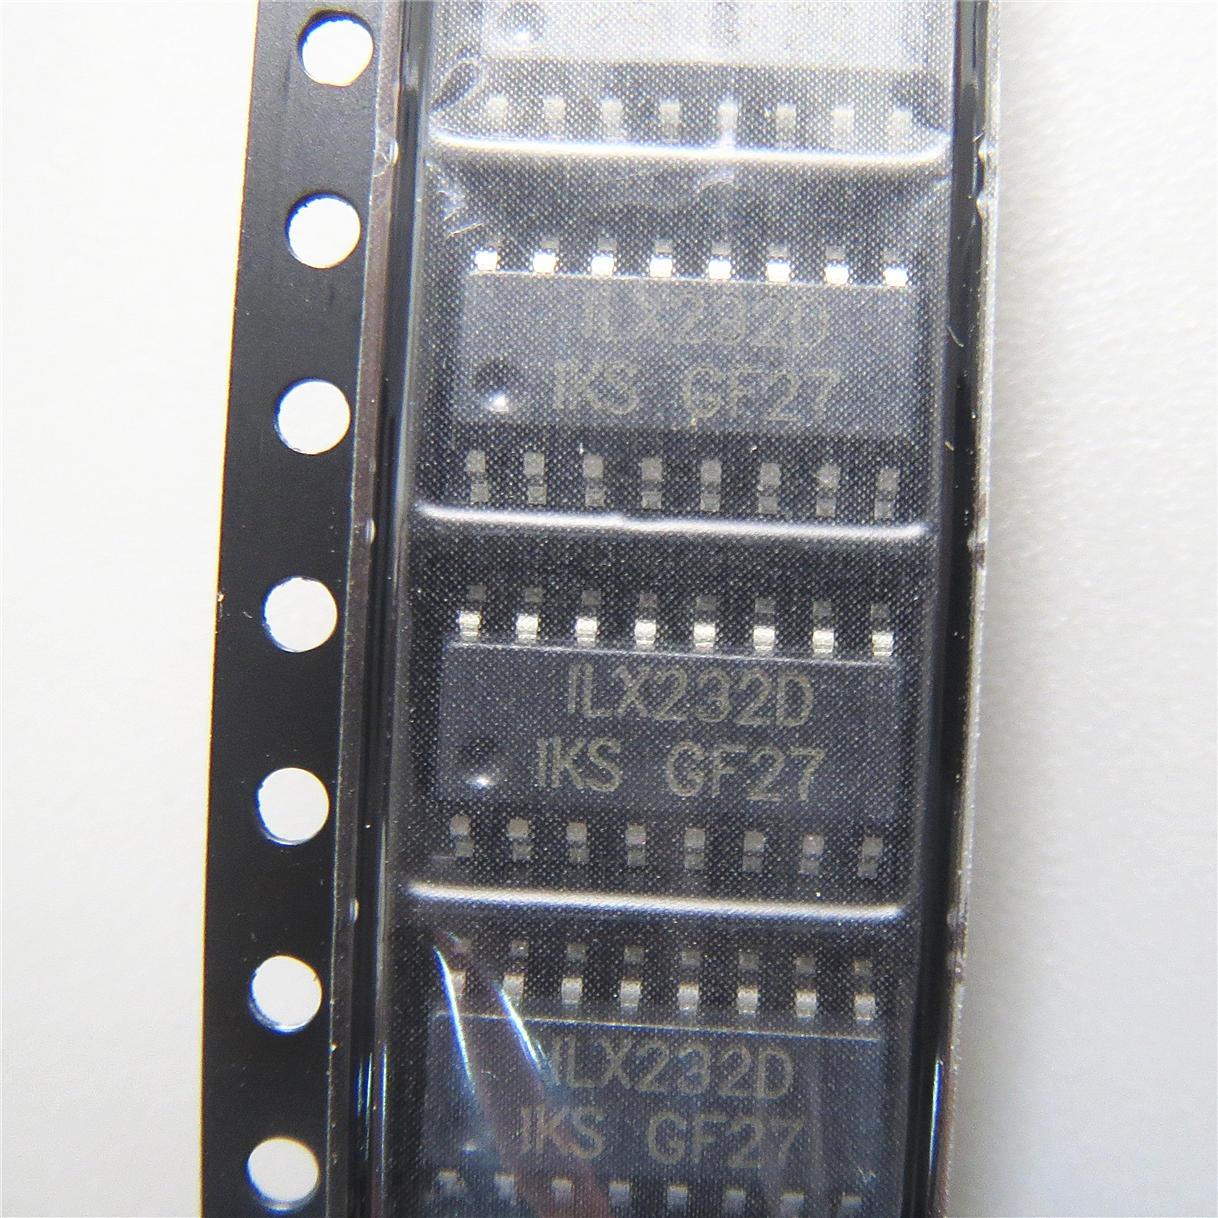 ILX232DT IKsemi 代理  觸摸芯片 單片機  電源管理芯片 放算IC專業代理商芯片配單